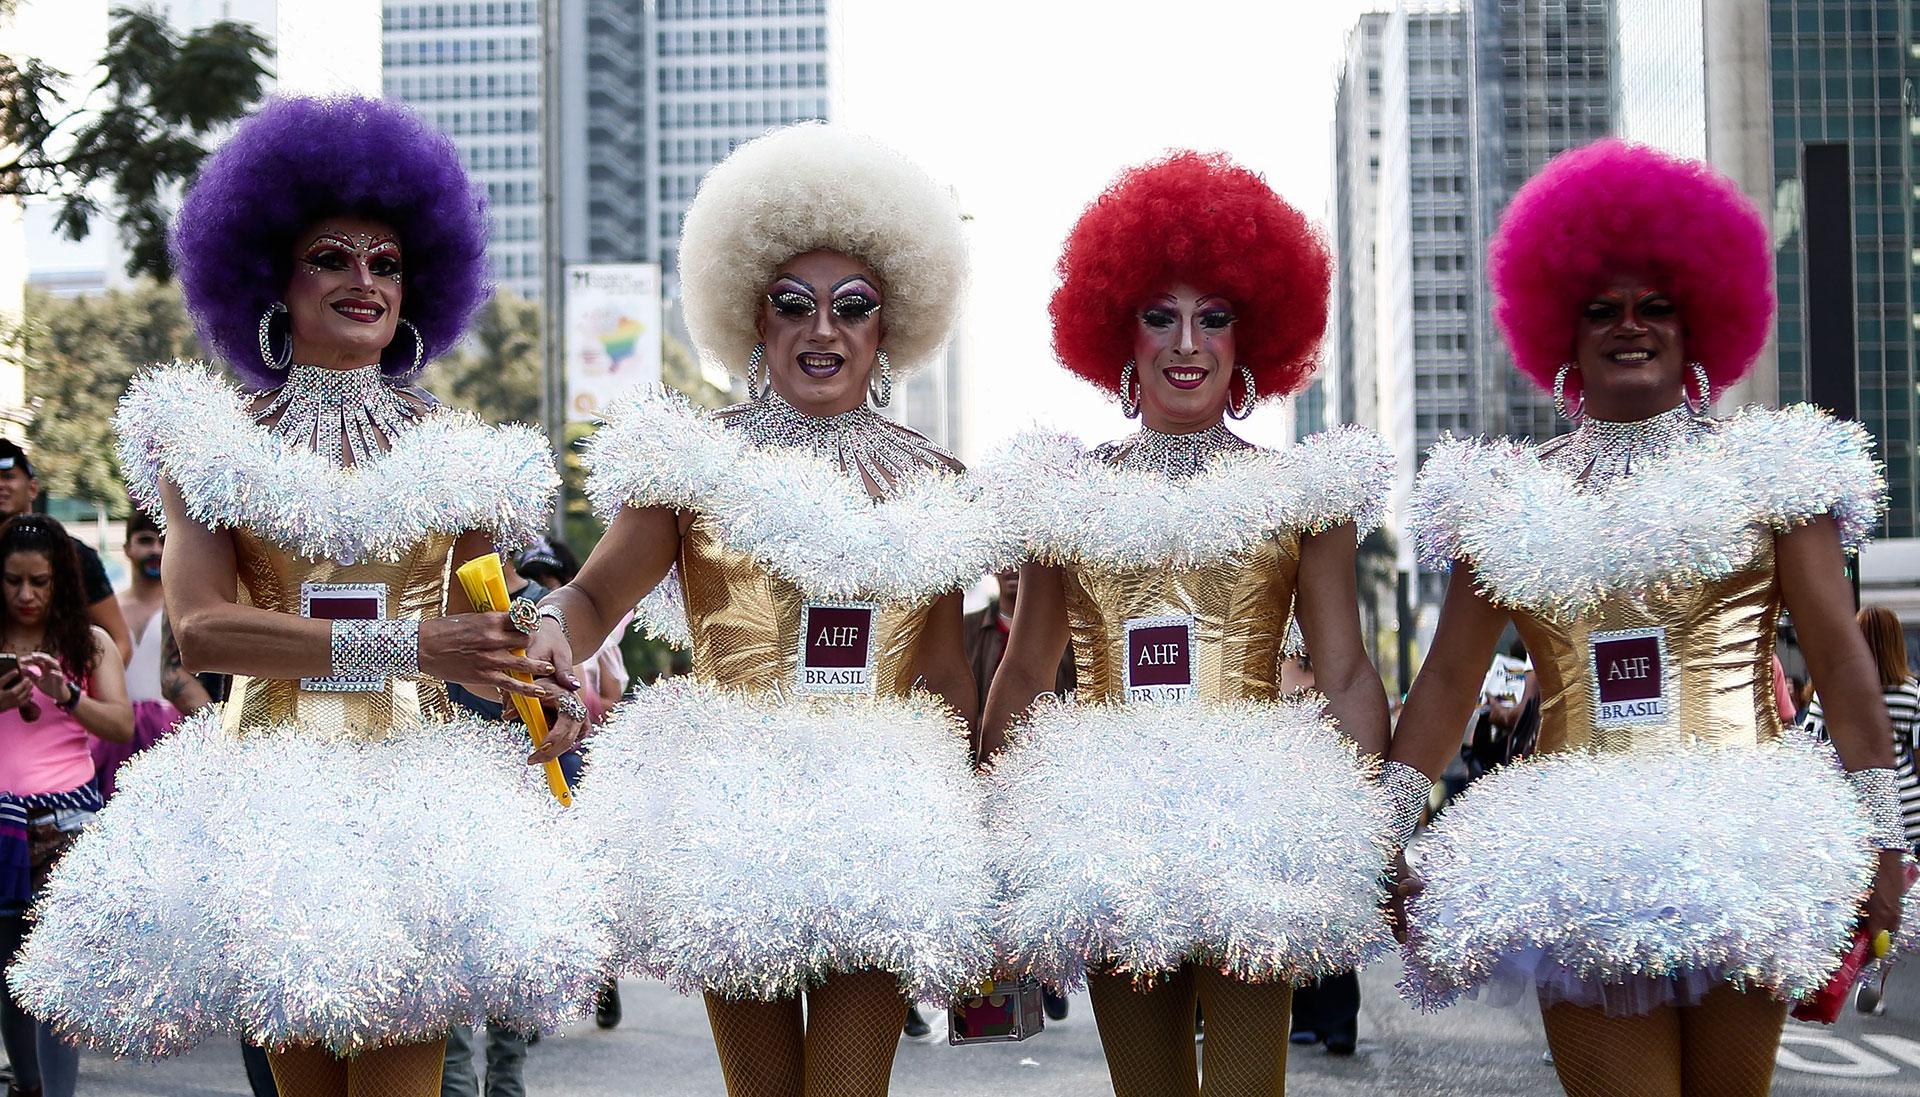 Colorido, atrevido y provocador, el desfile del orgullo gay moviliza además mucho dinero cada fin de semana de Corpus Christi en San Pablo